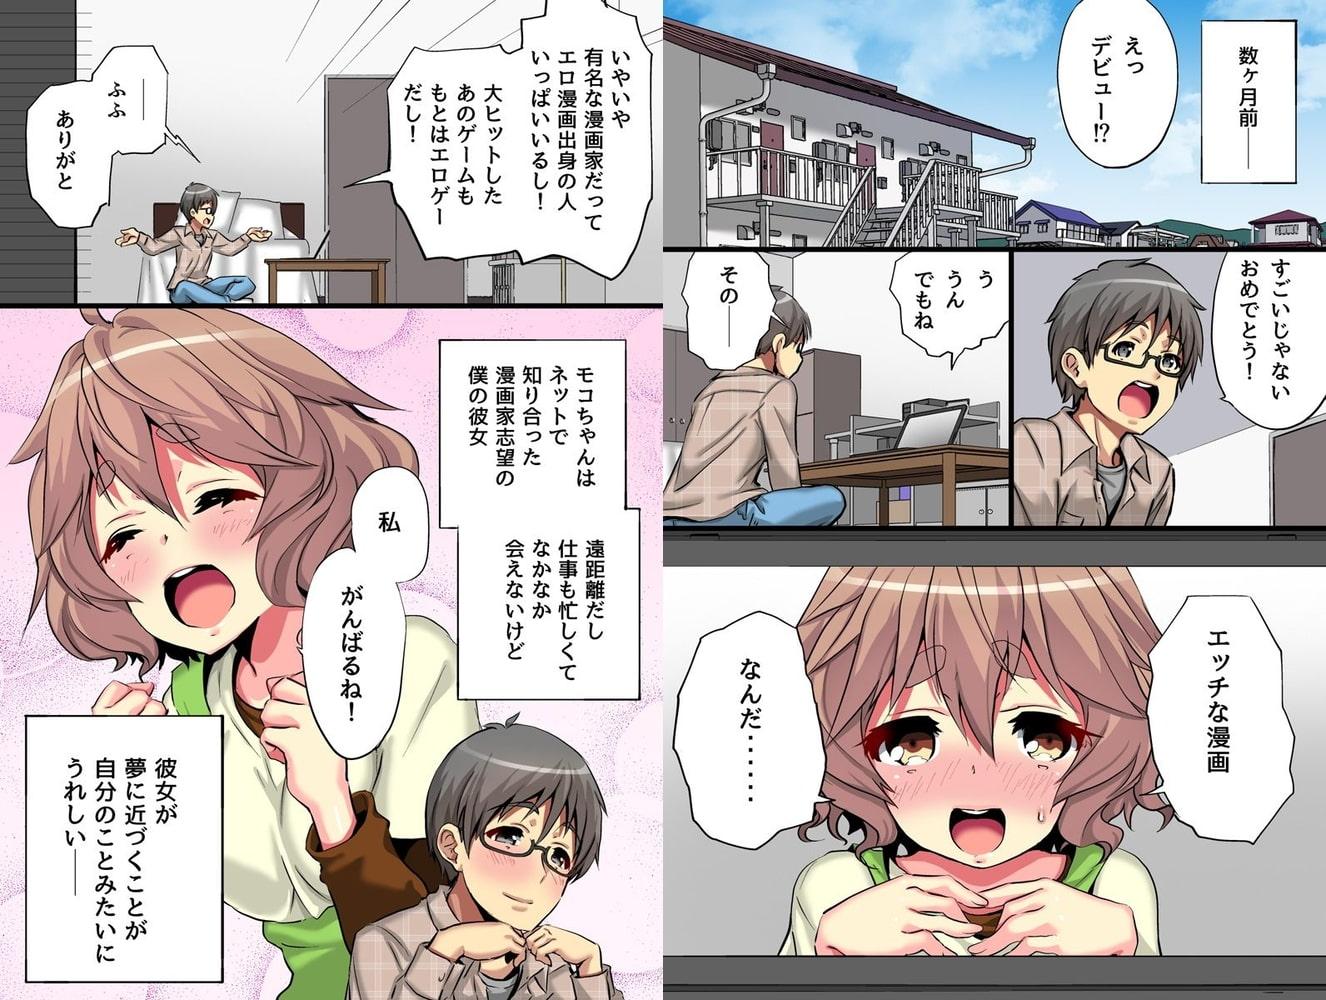 エロ漫画家モコ先生の寝取られイキすぎ生取材